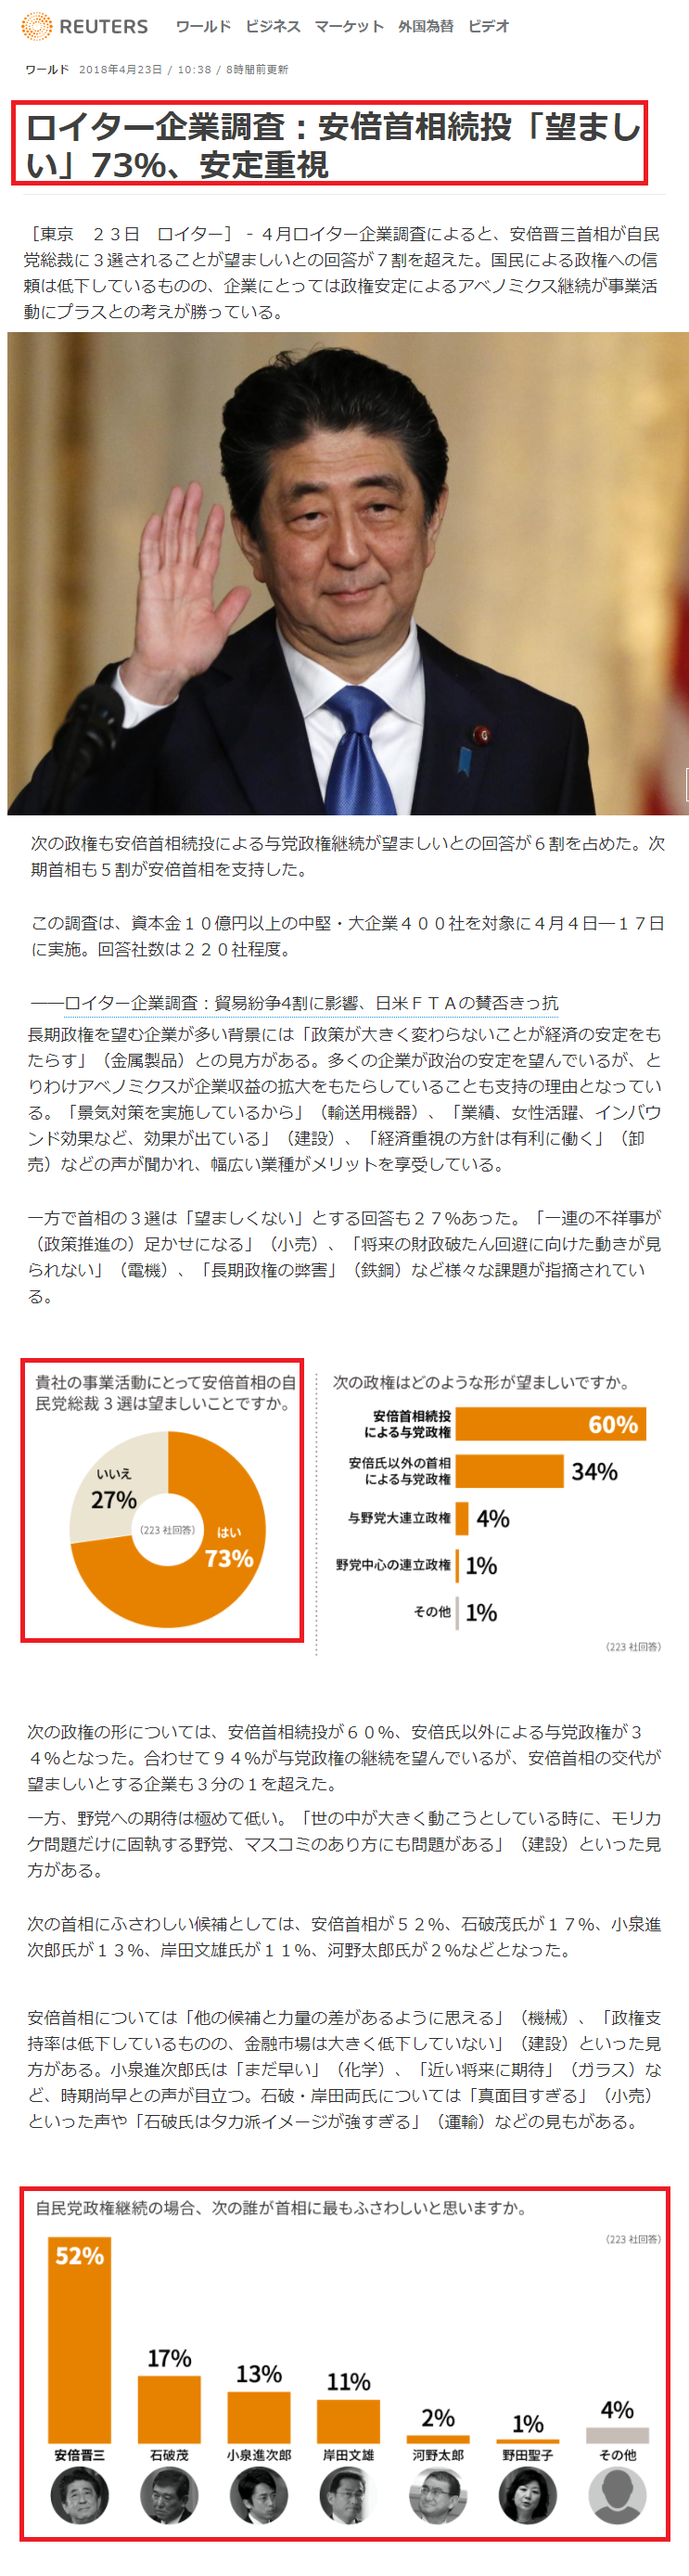 ロイター「安倍首相73%が支持」